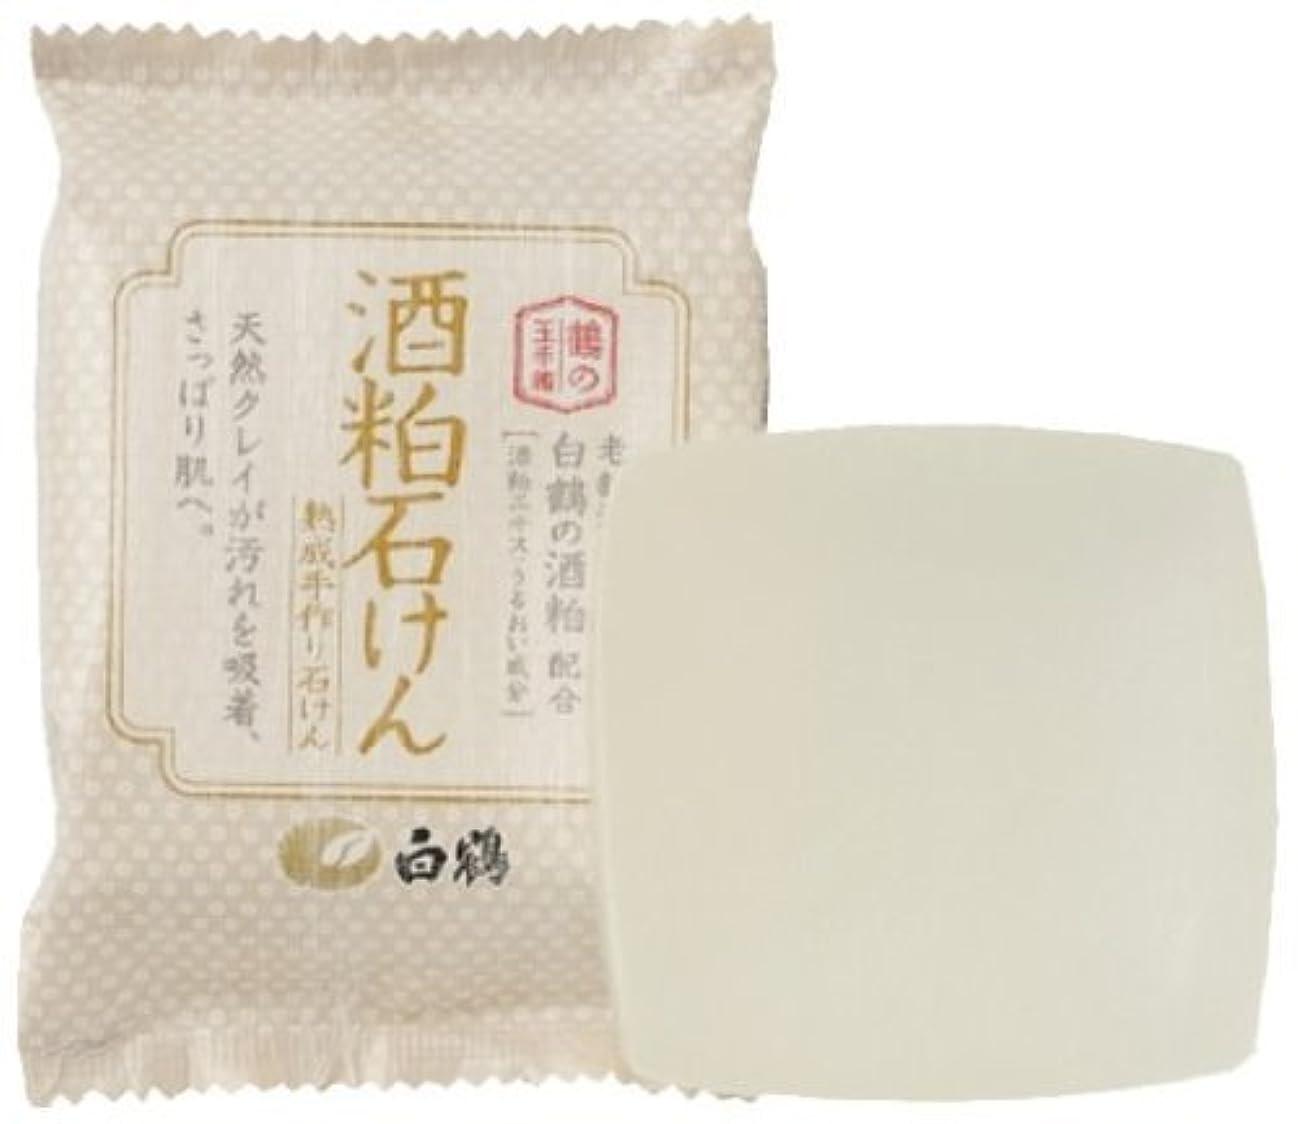 知覚的スチュアート島平日白鶴 鶴の玉手箱 酒粕石けん 100g × 10個